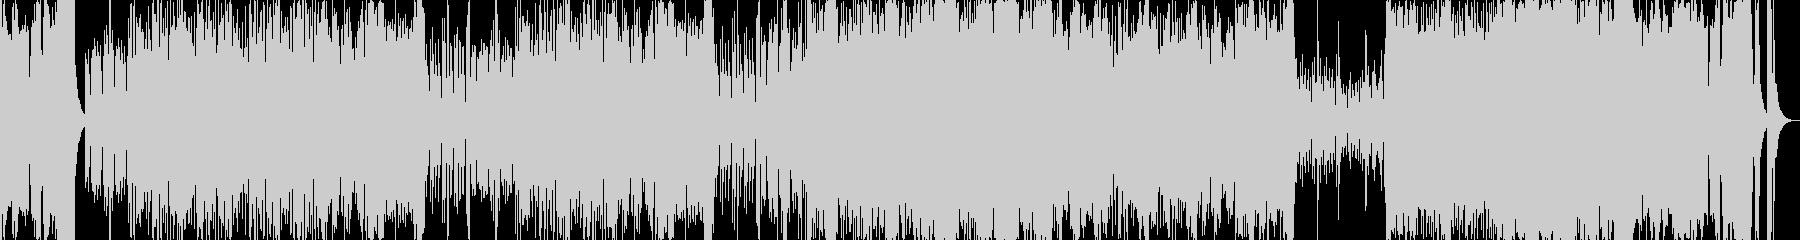 オープニング行進オーケストラ発表シリーズの未再生の波形